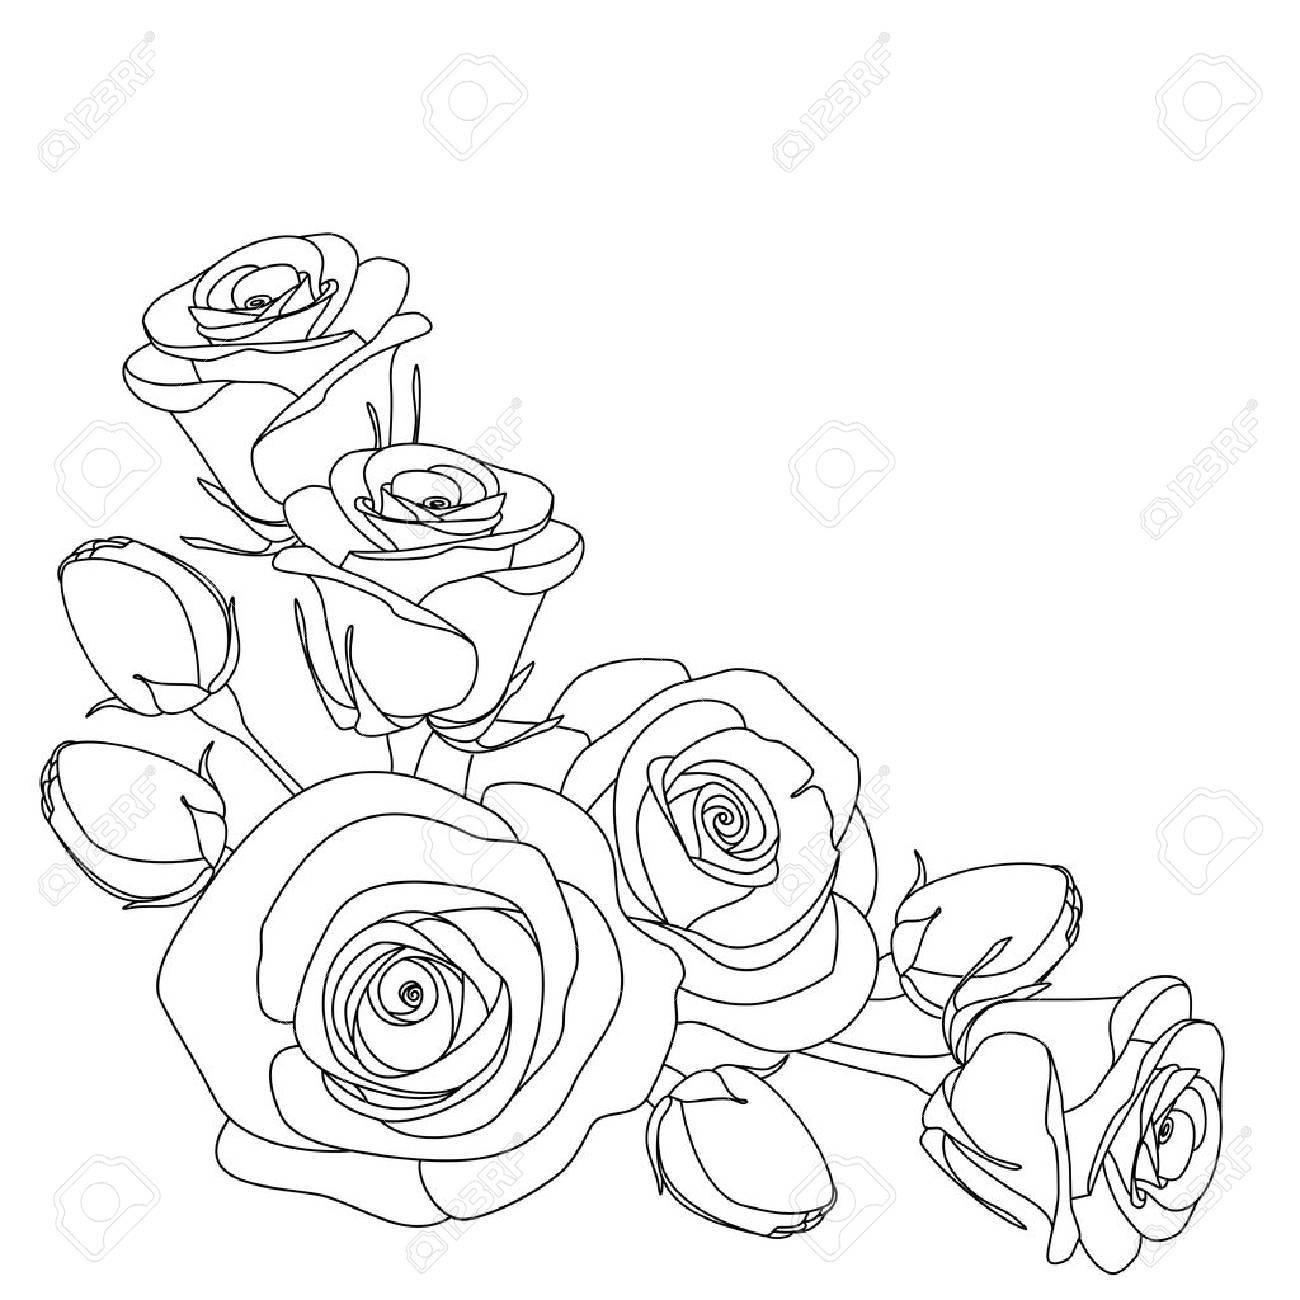 Rosas Ilustración En Blanco Y Negro Sobre Fondo Blanco Colorear Ilustración Vectorial